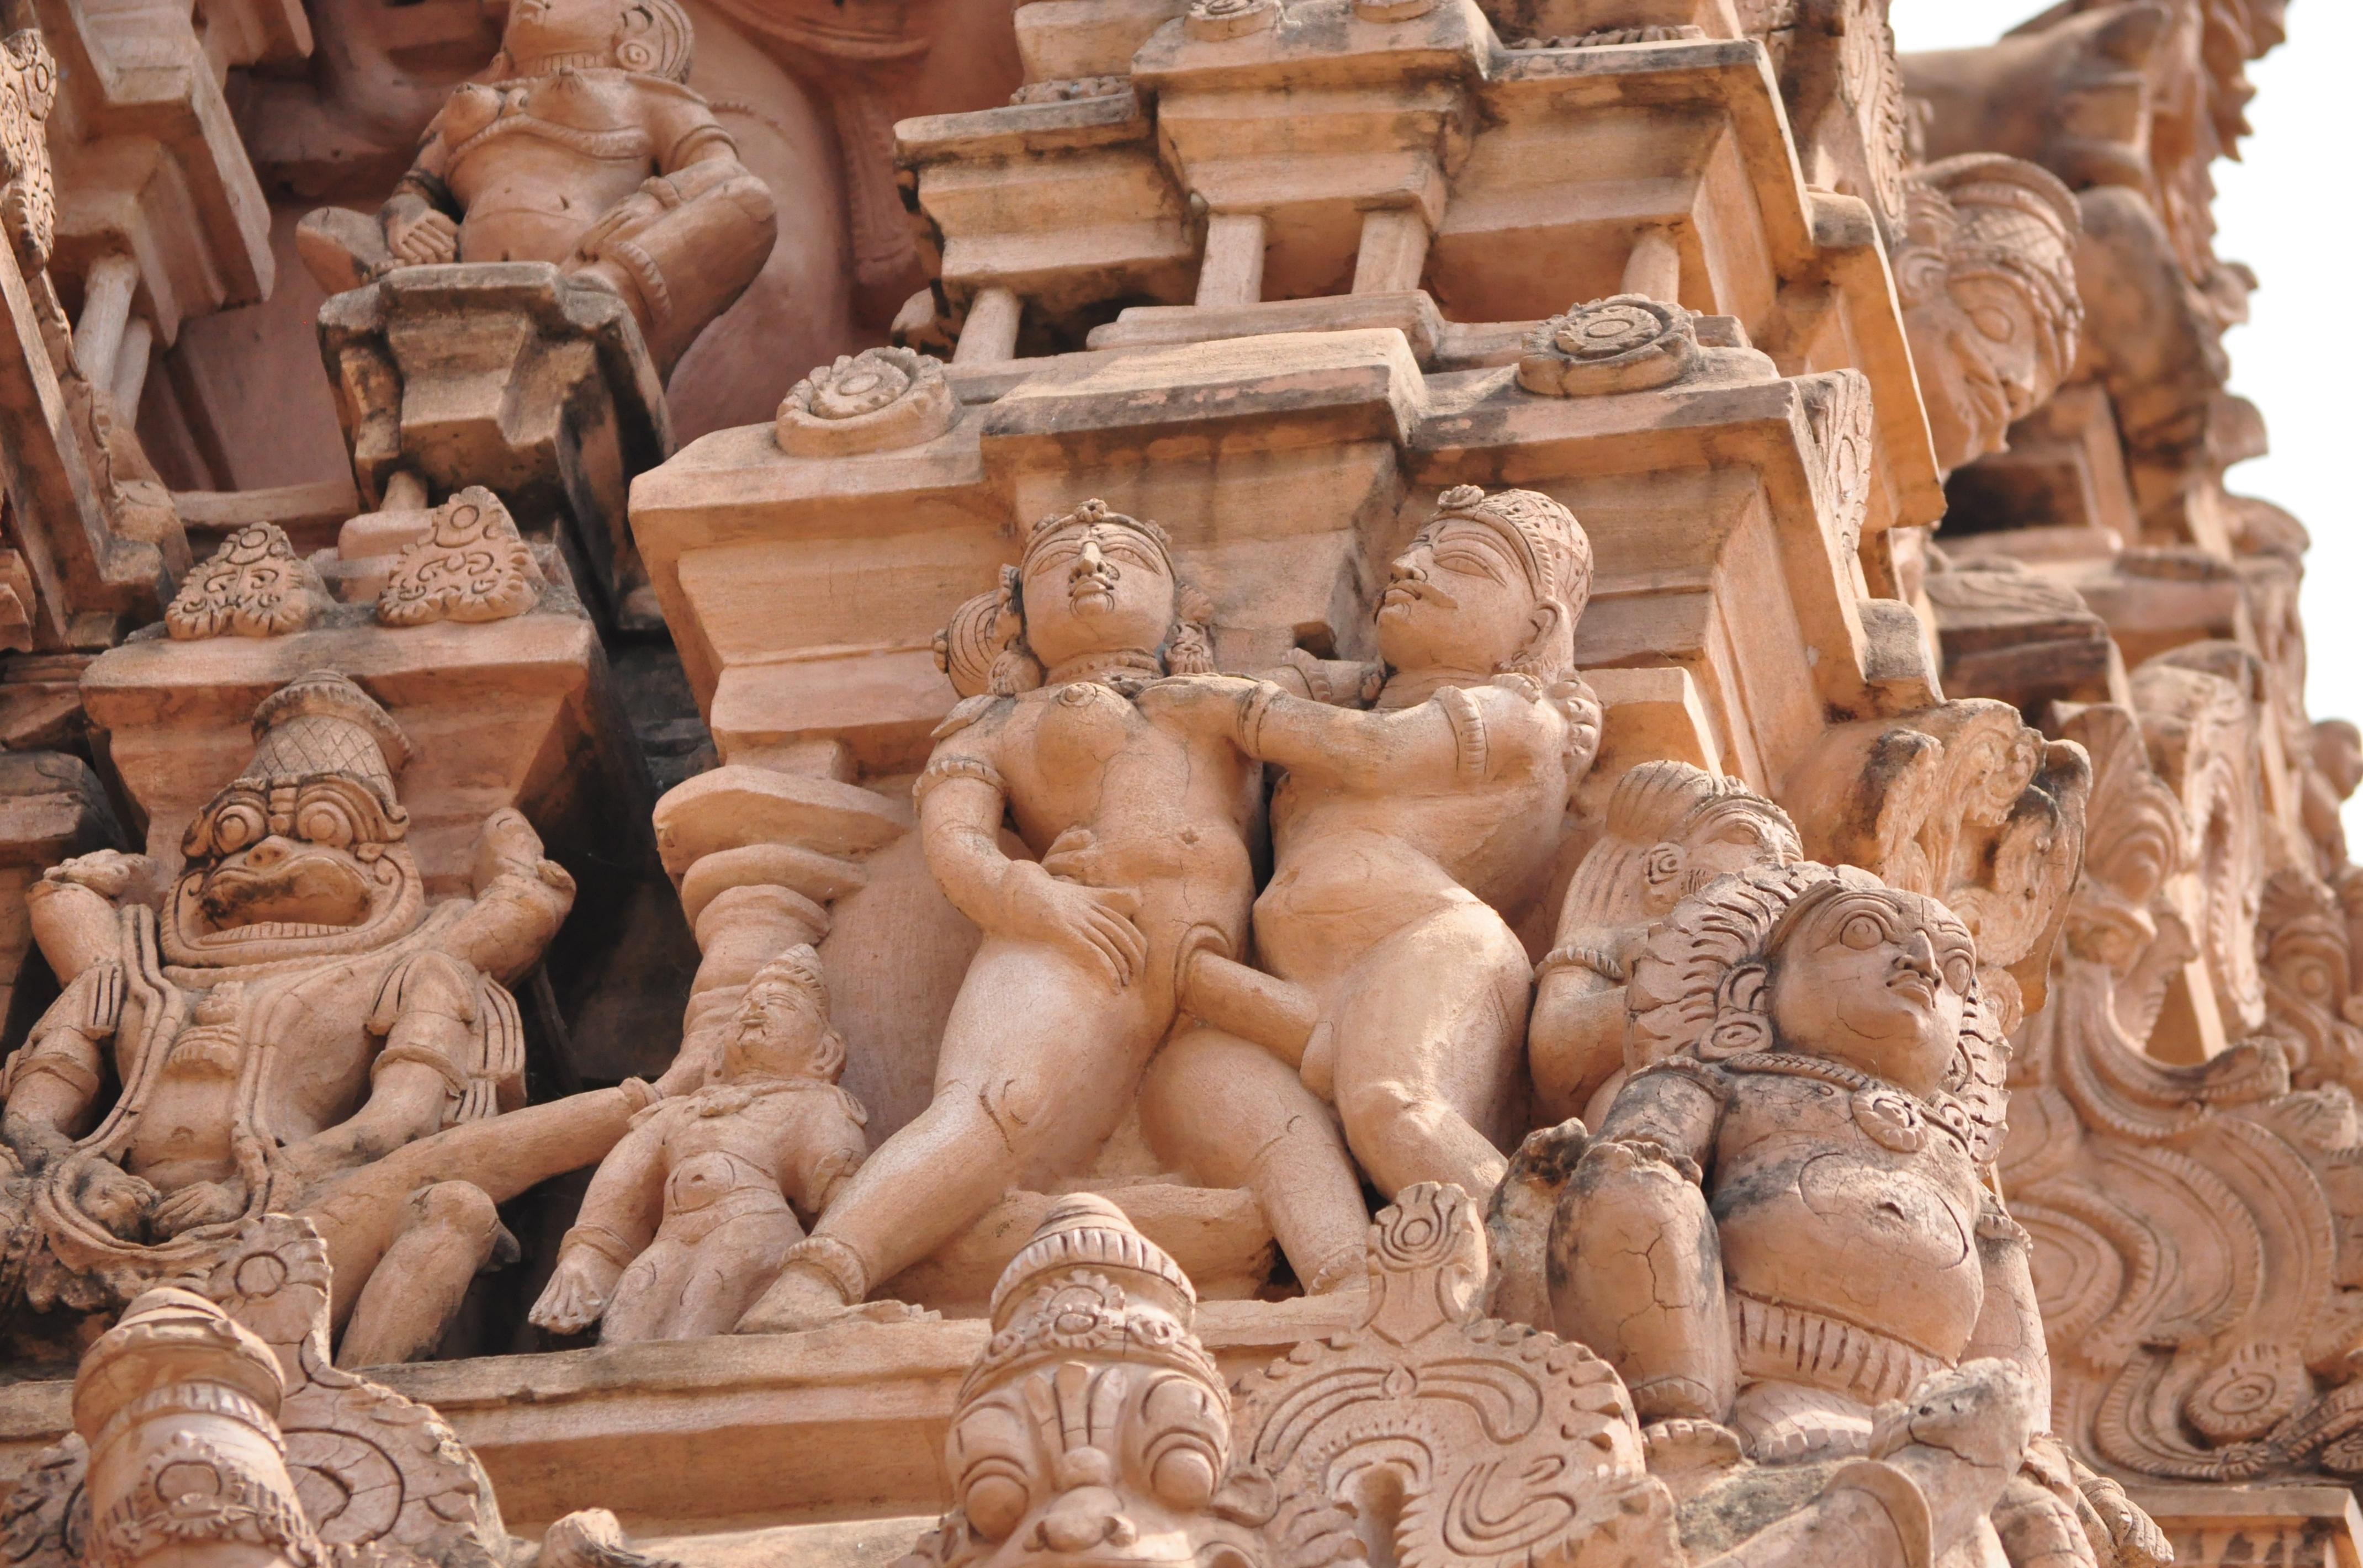 Statue sex nackt scenes